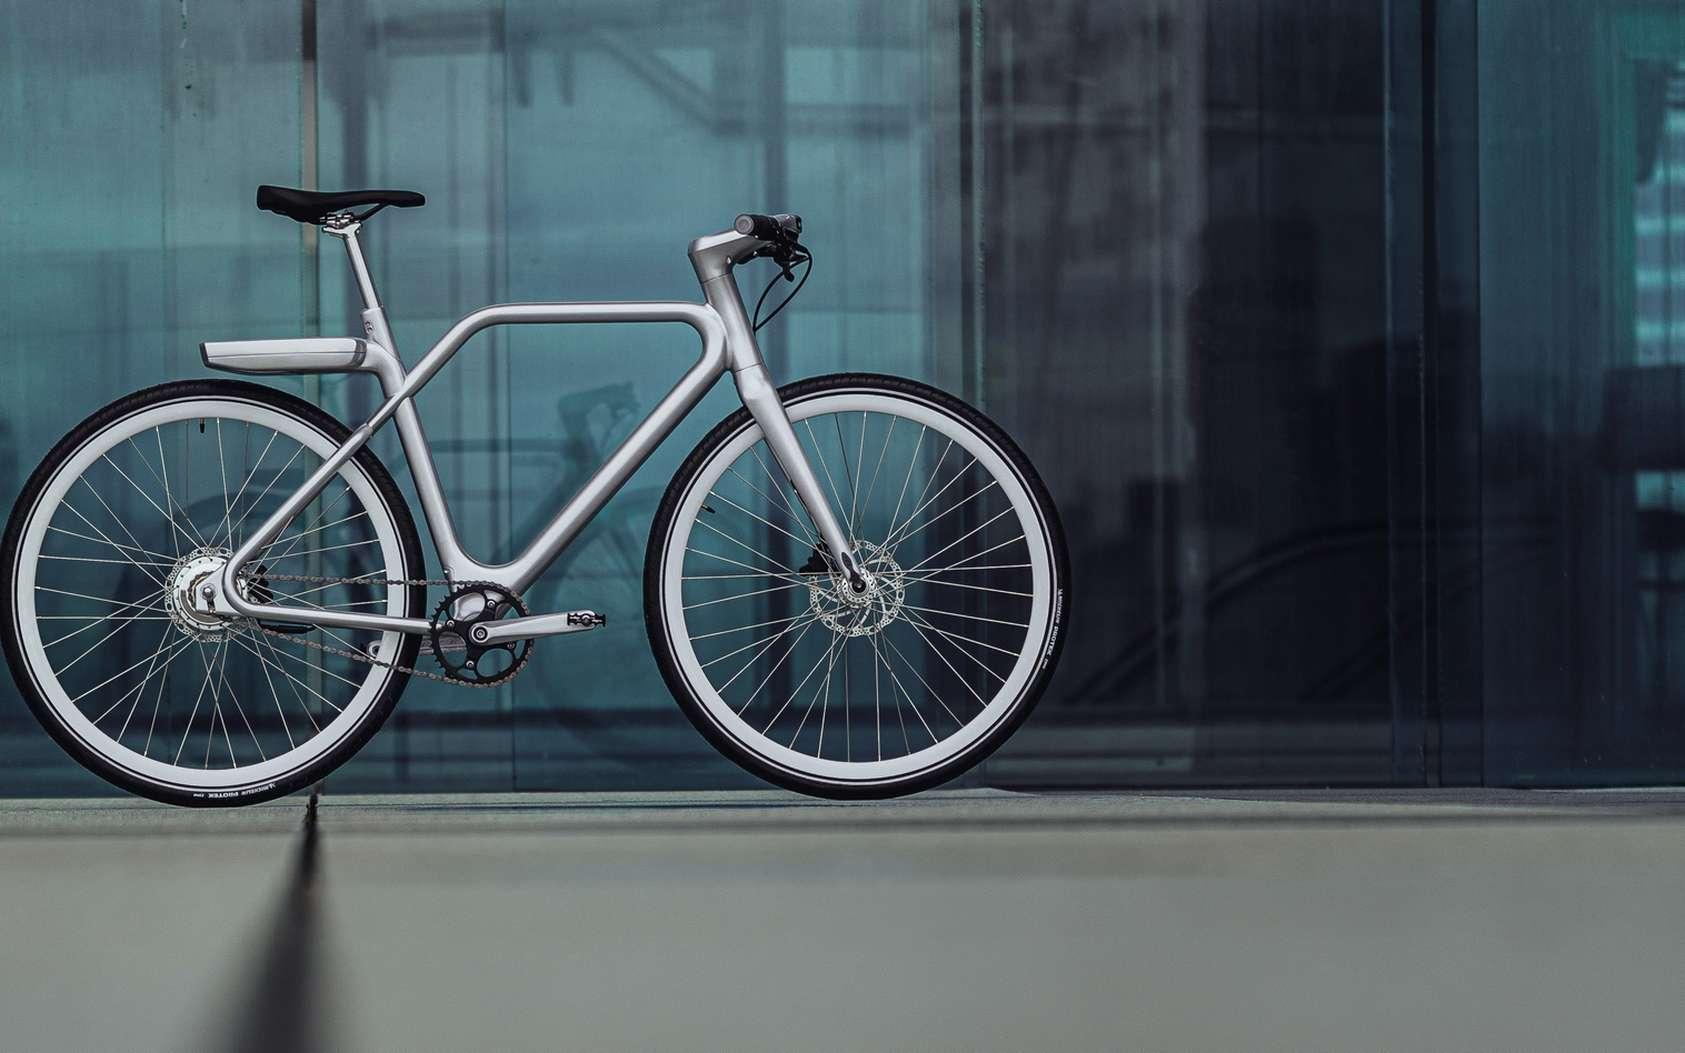 Vélo à assistance électrique - image